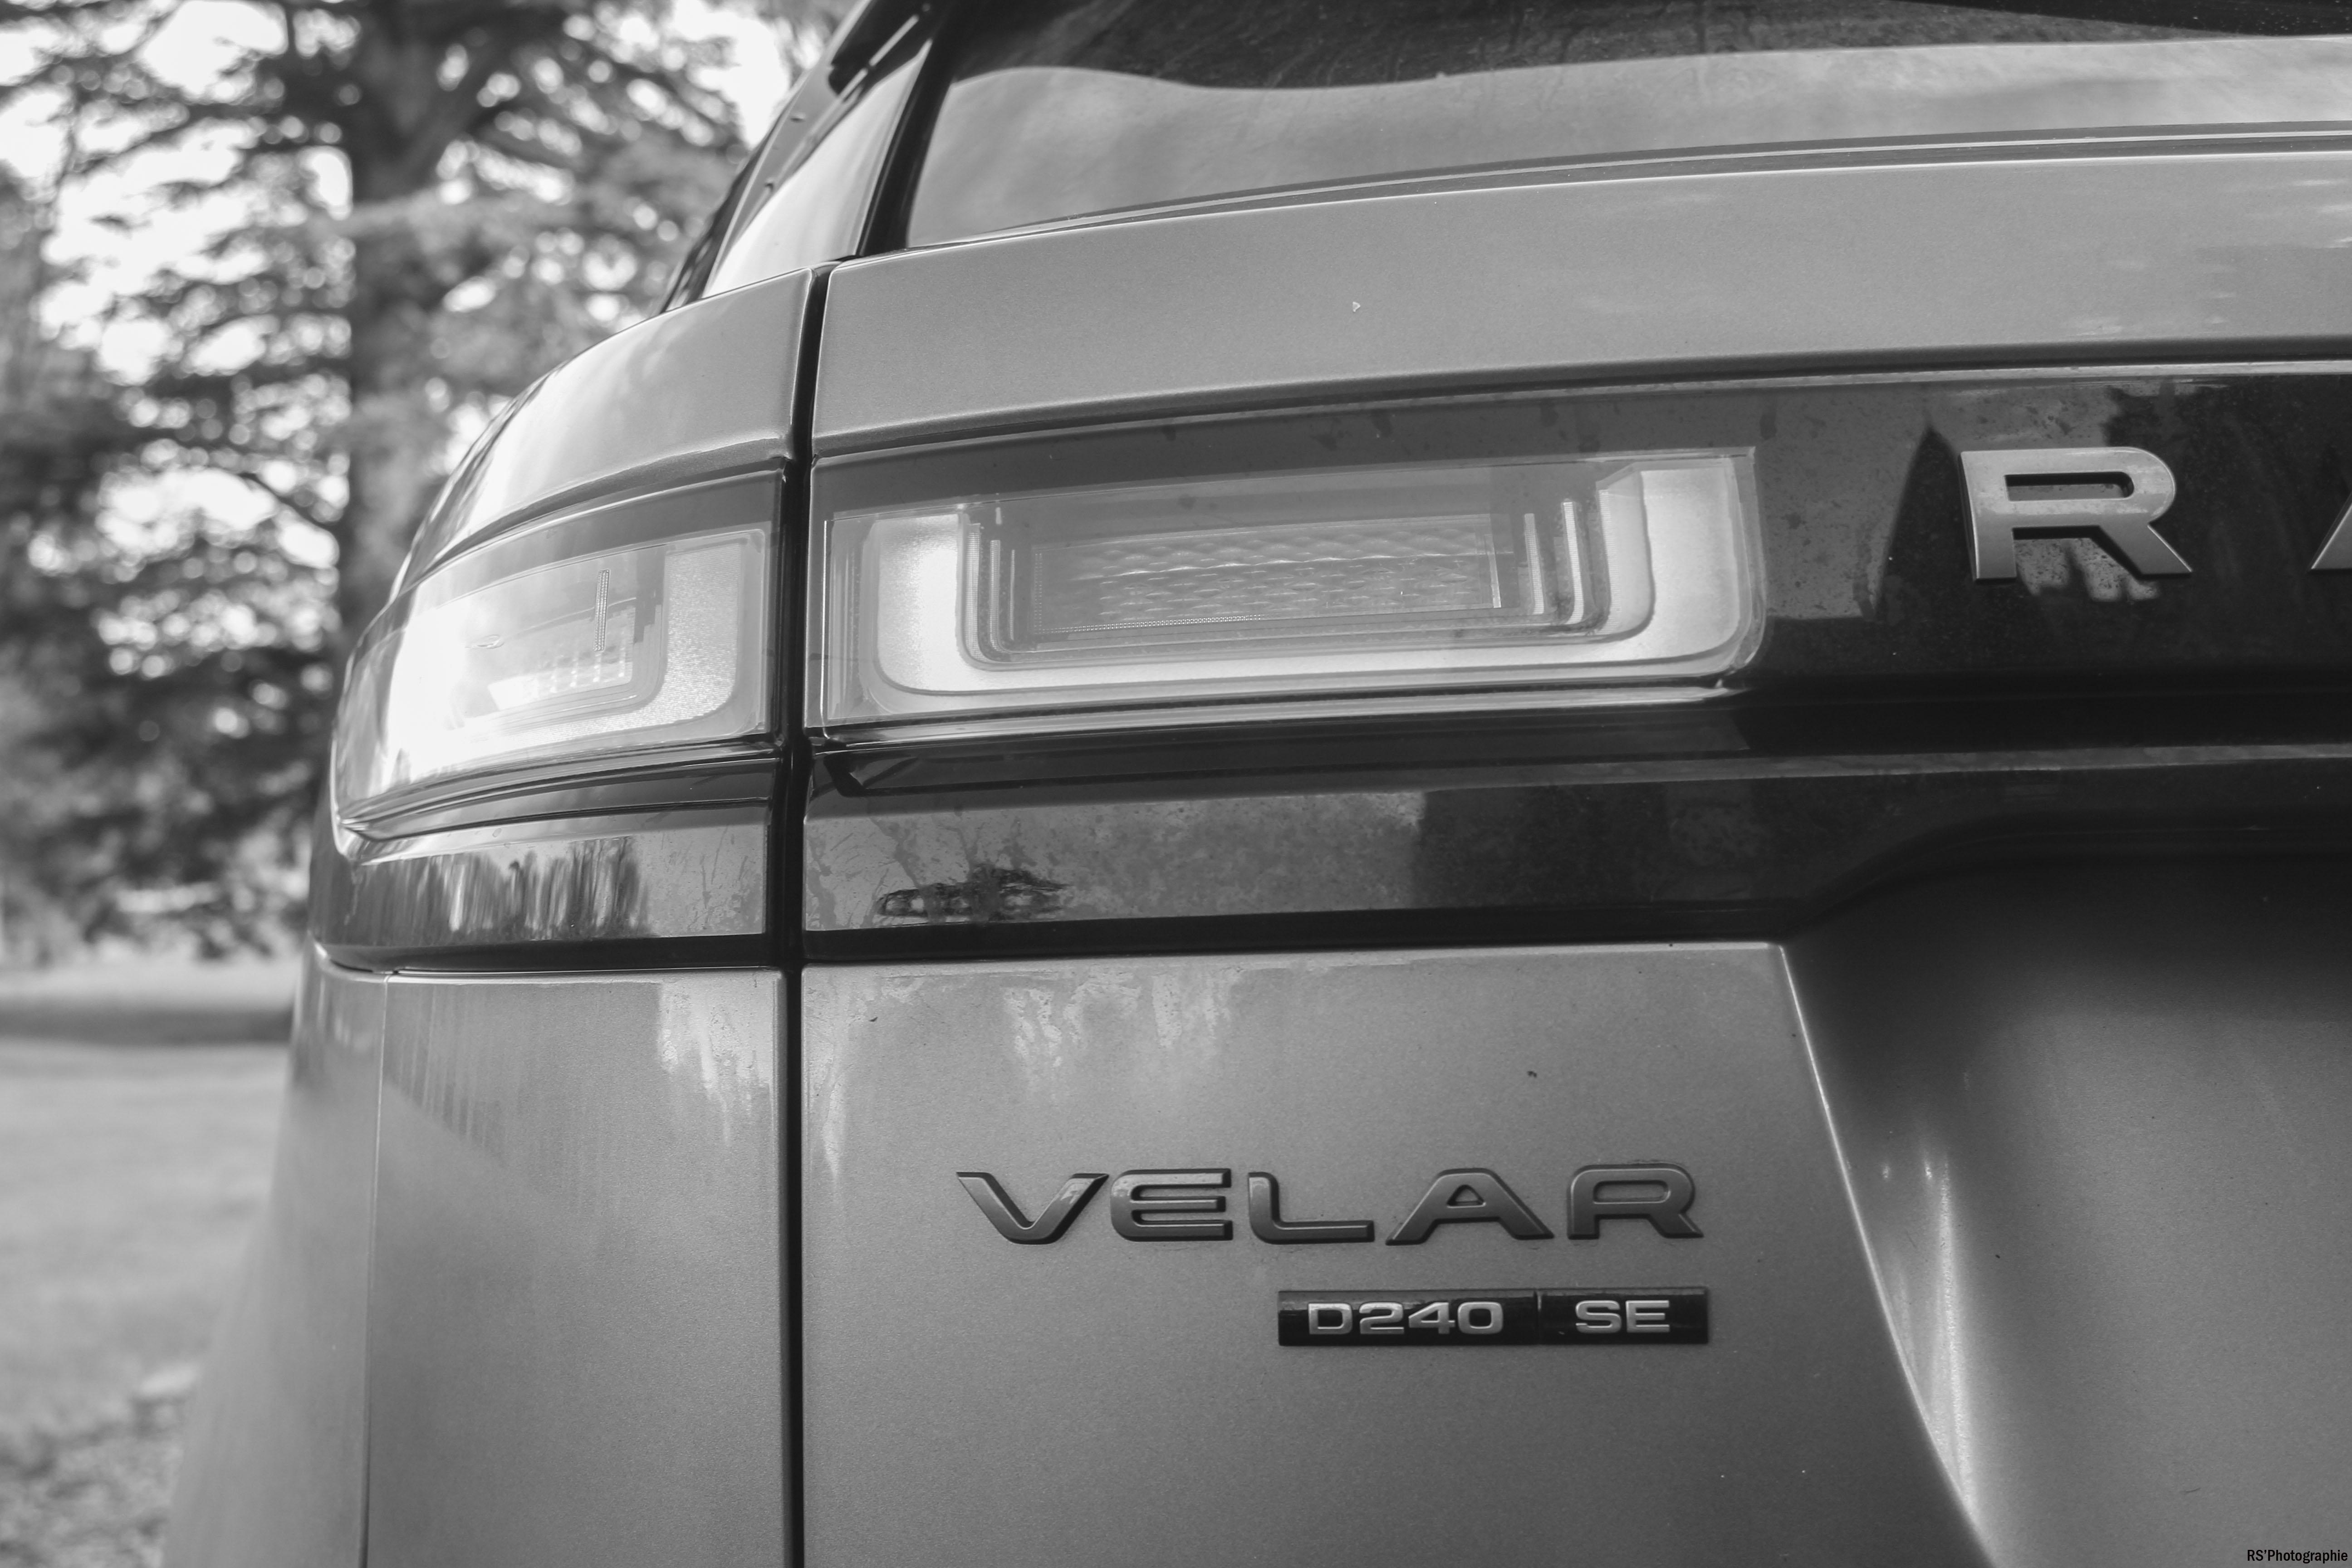 rangerovervelar45-range-rover-velar-d240-arriere-rear-Arnaud Demasier-RSPhotographie